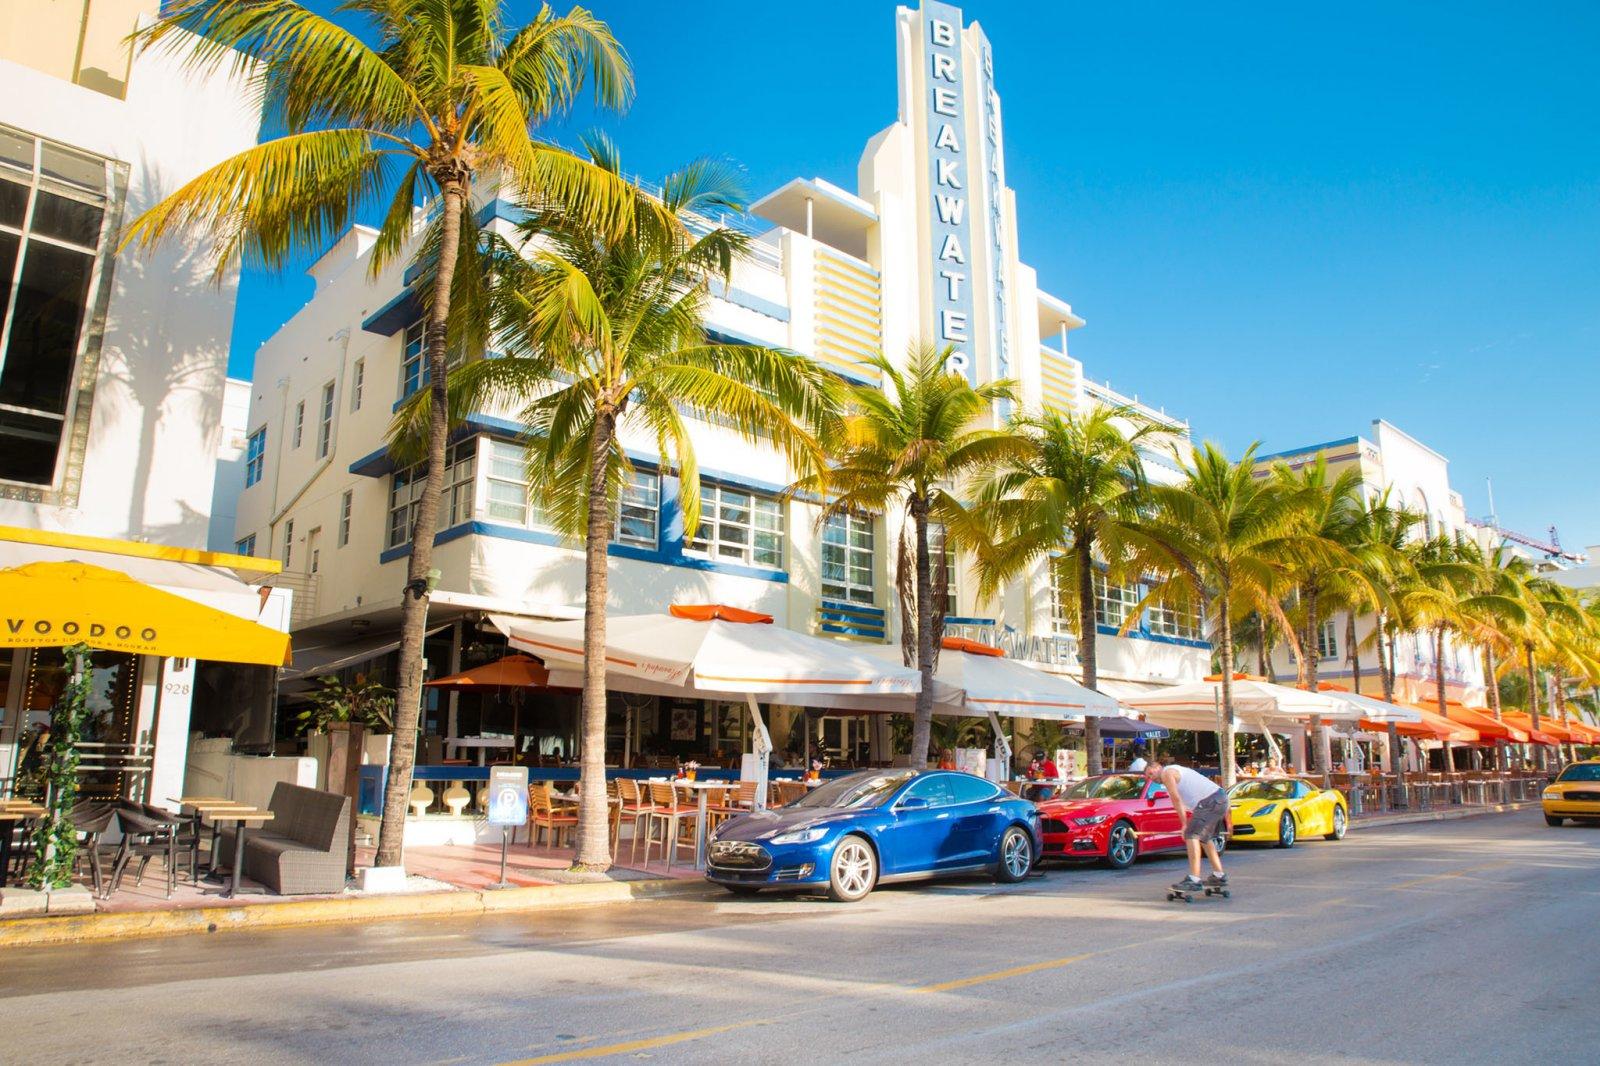 Обзорная экскурсия по Майами с круизом к островам знаменитостей